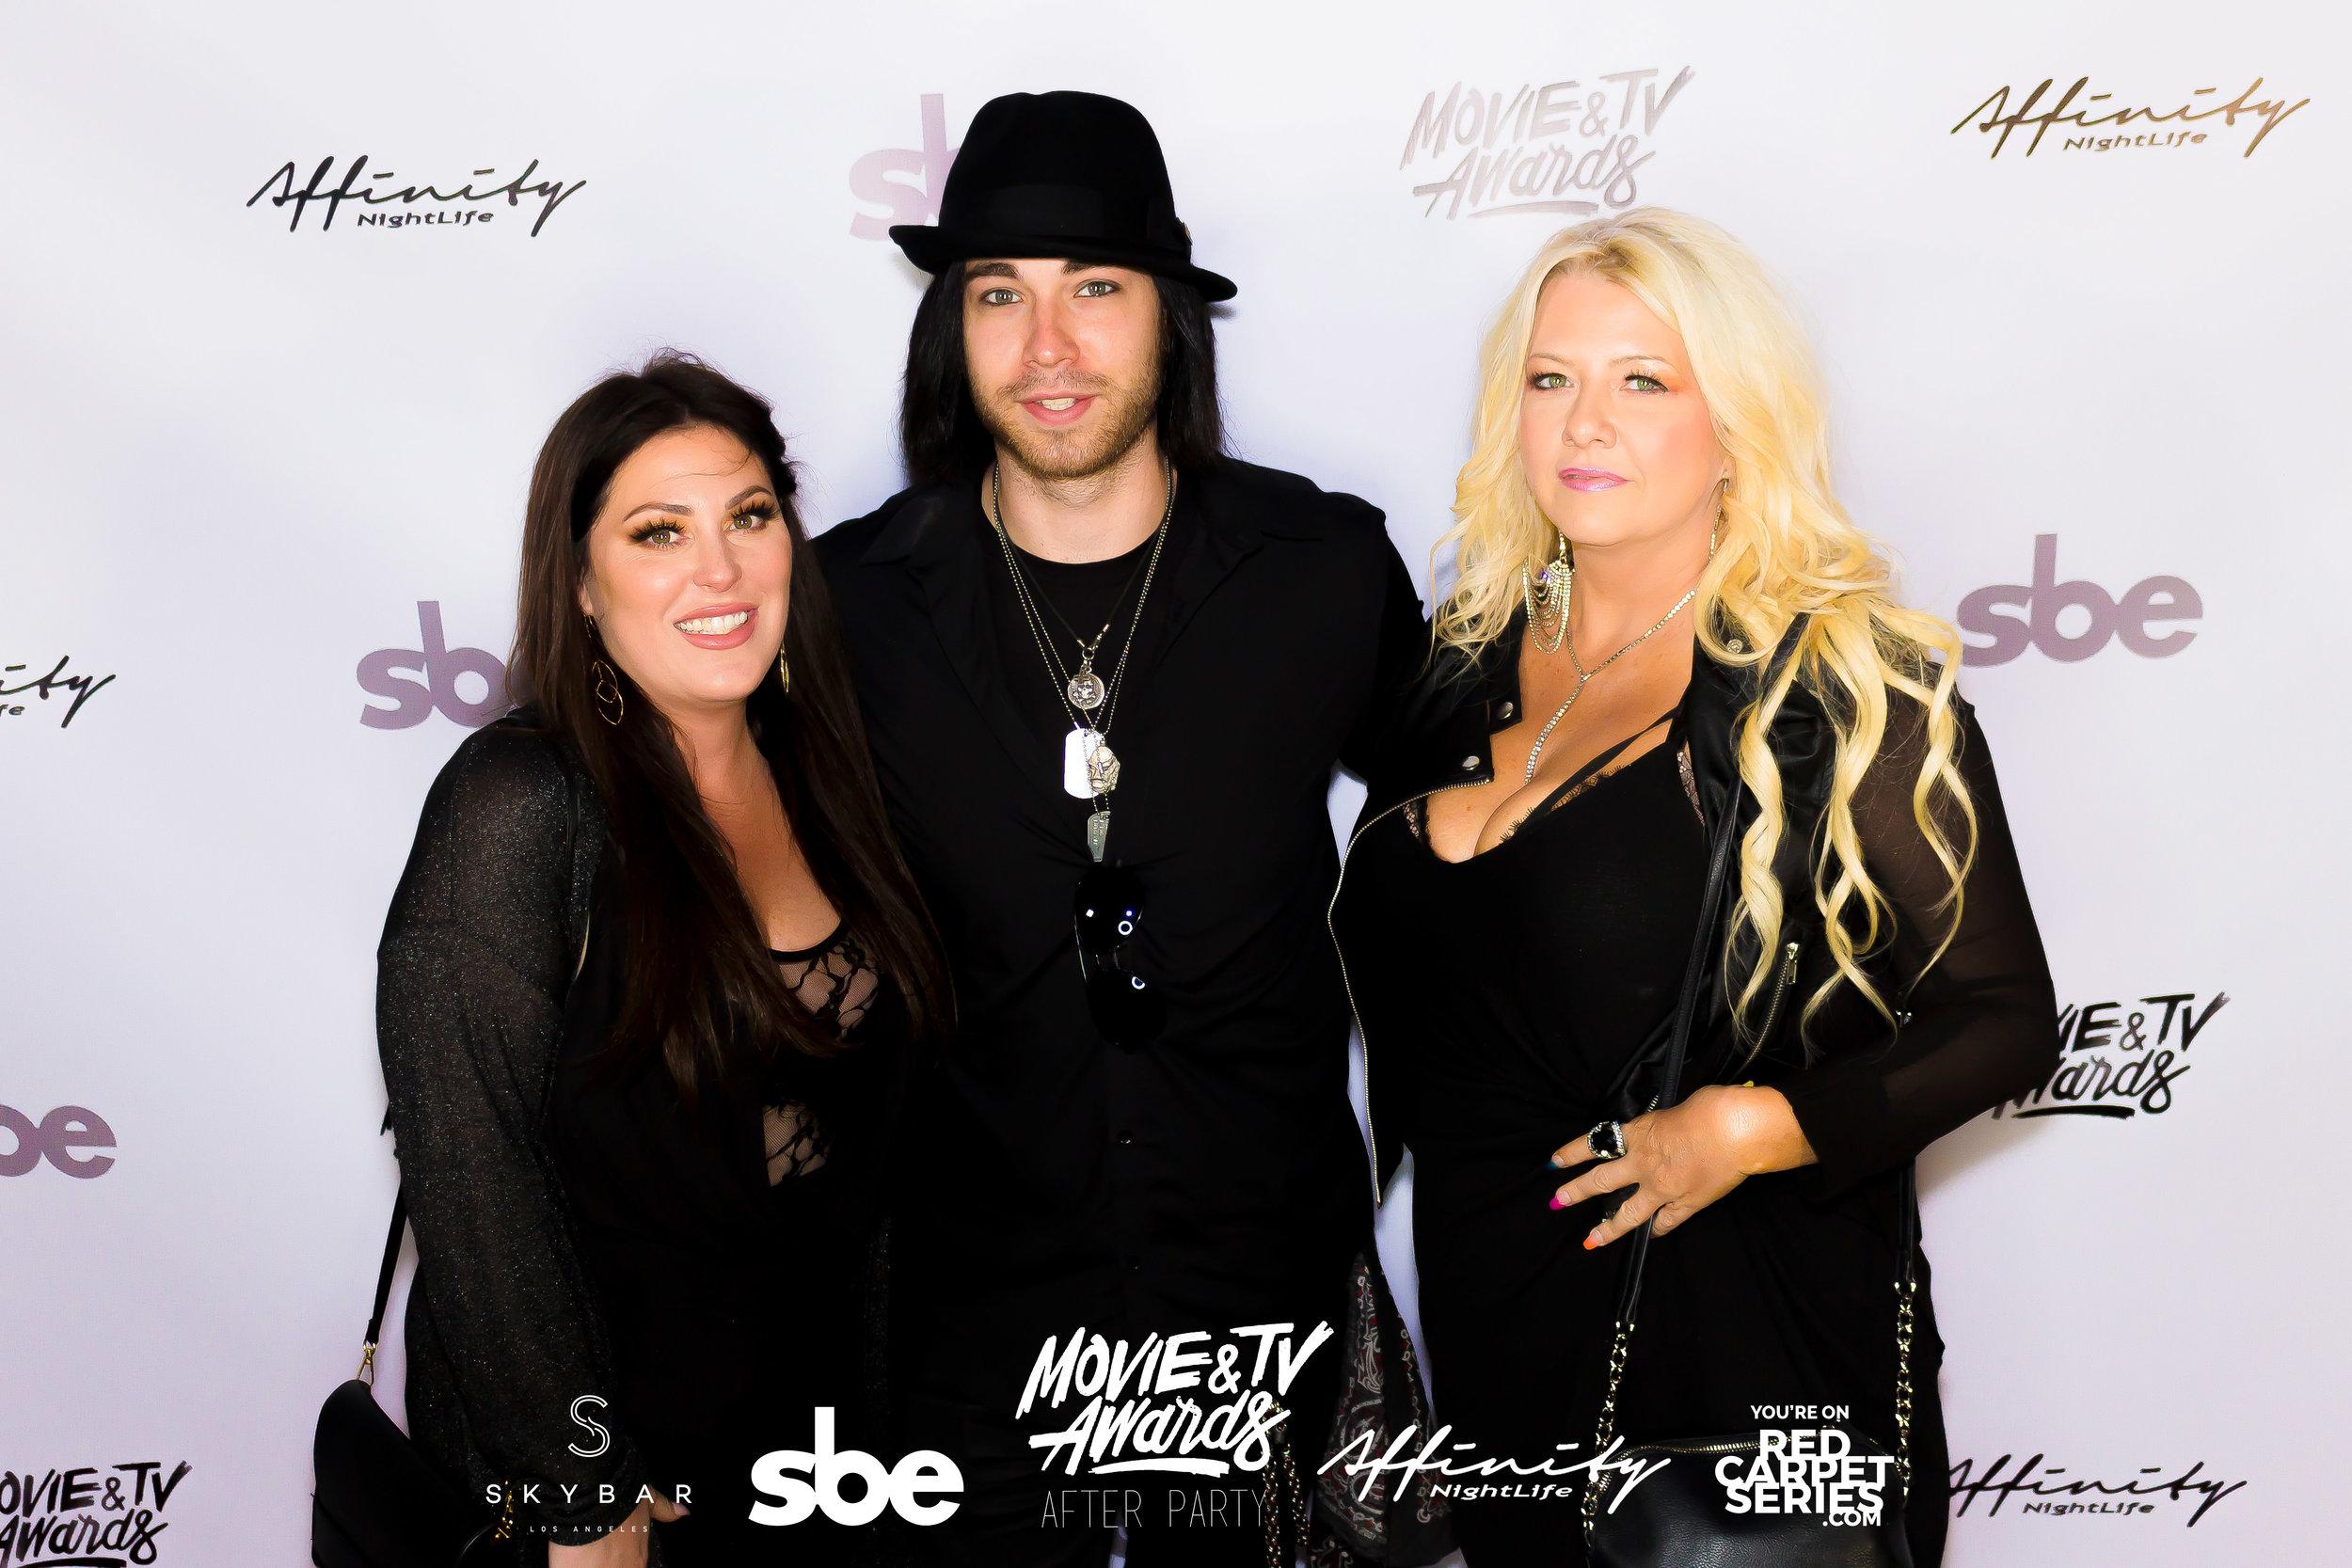 Affinity Nightlife MTV Movie & TV Awards After Party - Skybar at Mondrian - 06-15-19 - Vol. 1_21.jpg